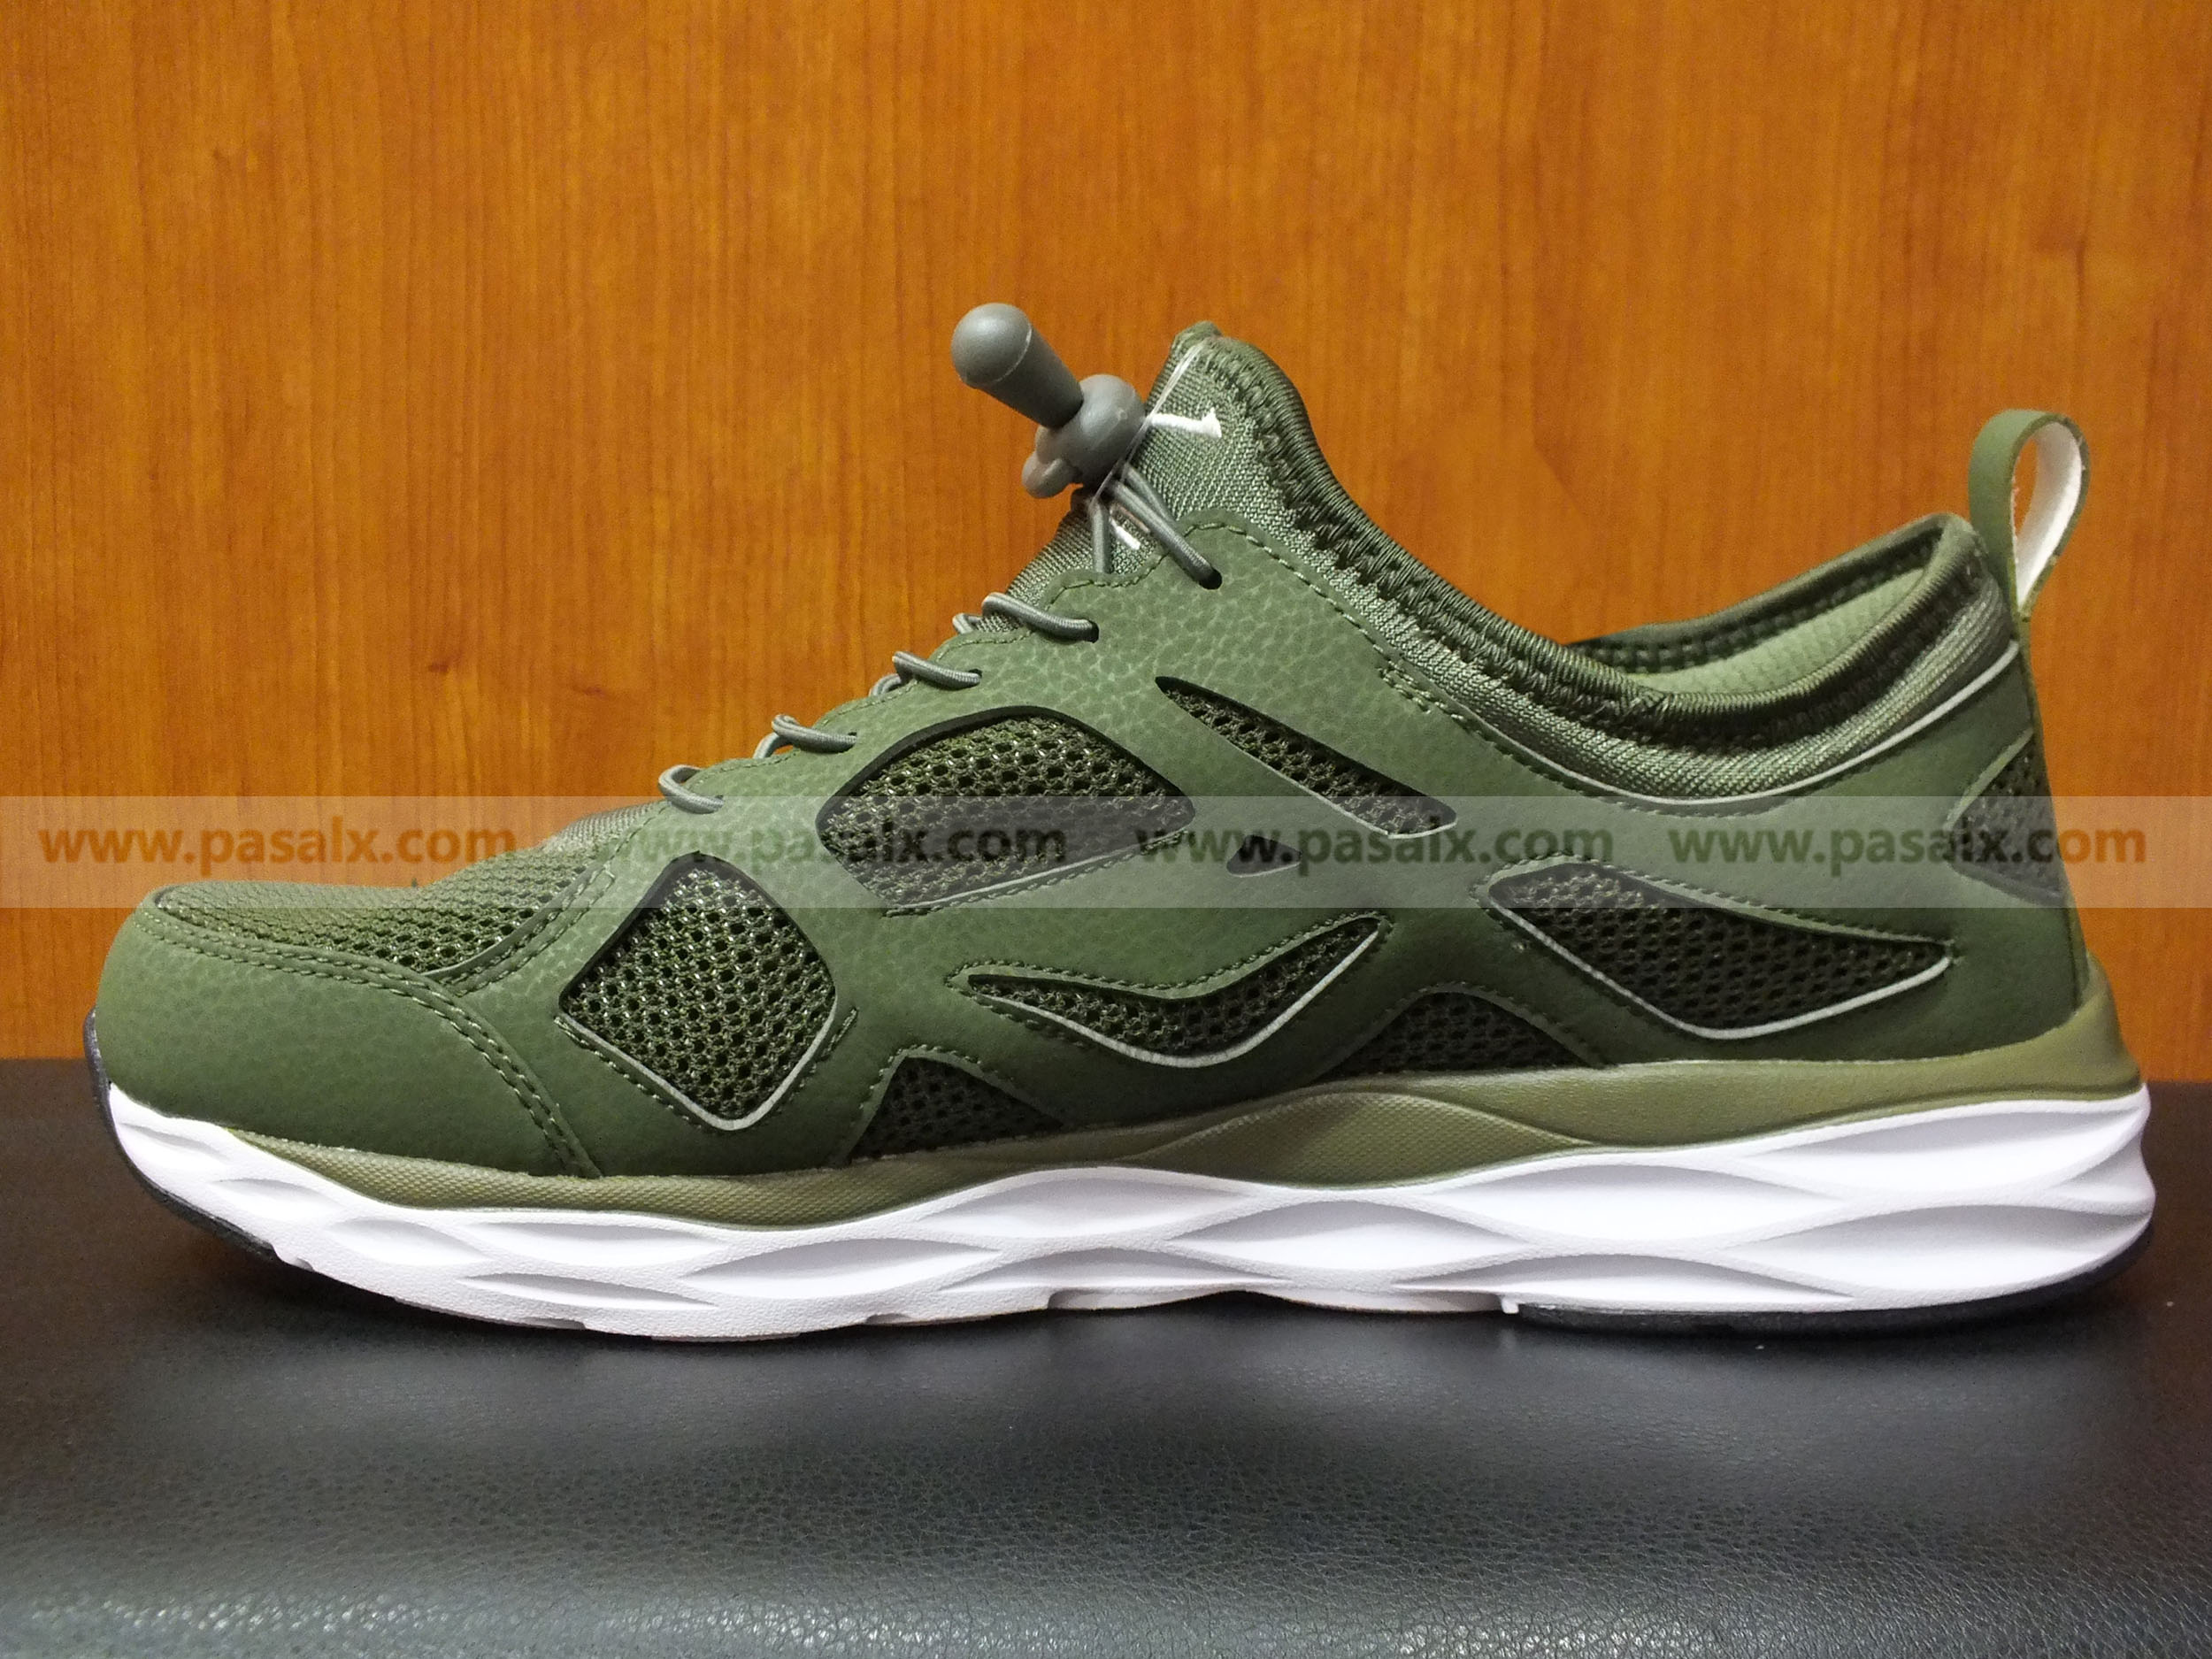 ERKE Training Shoes  For Men- 11113214430-507